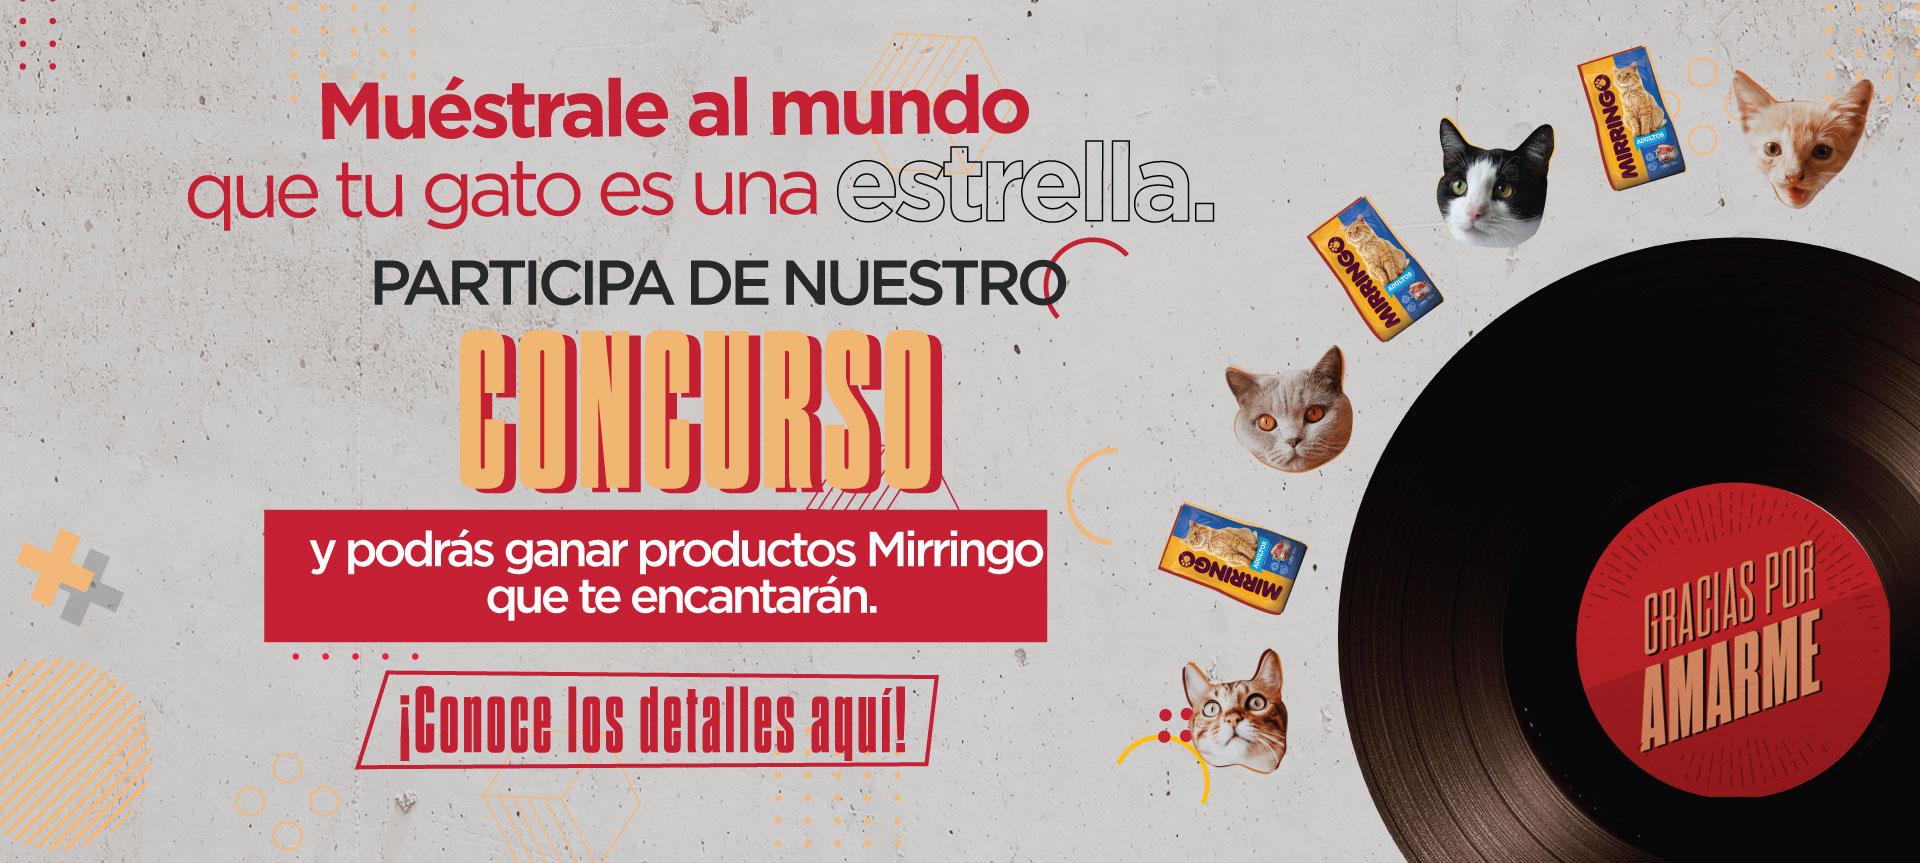 Participa con tu gato del concurso Mirringo